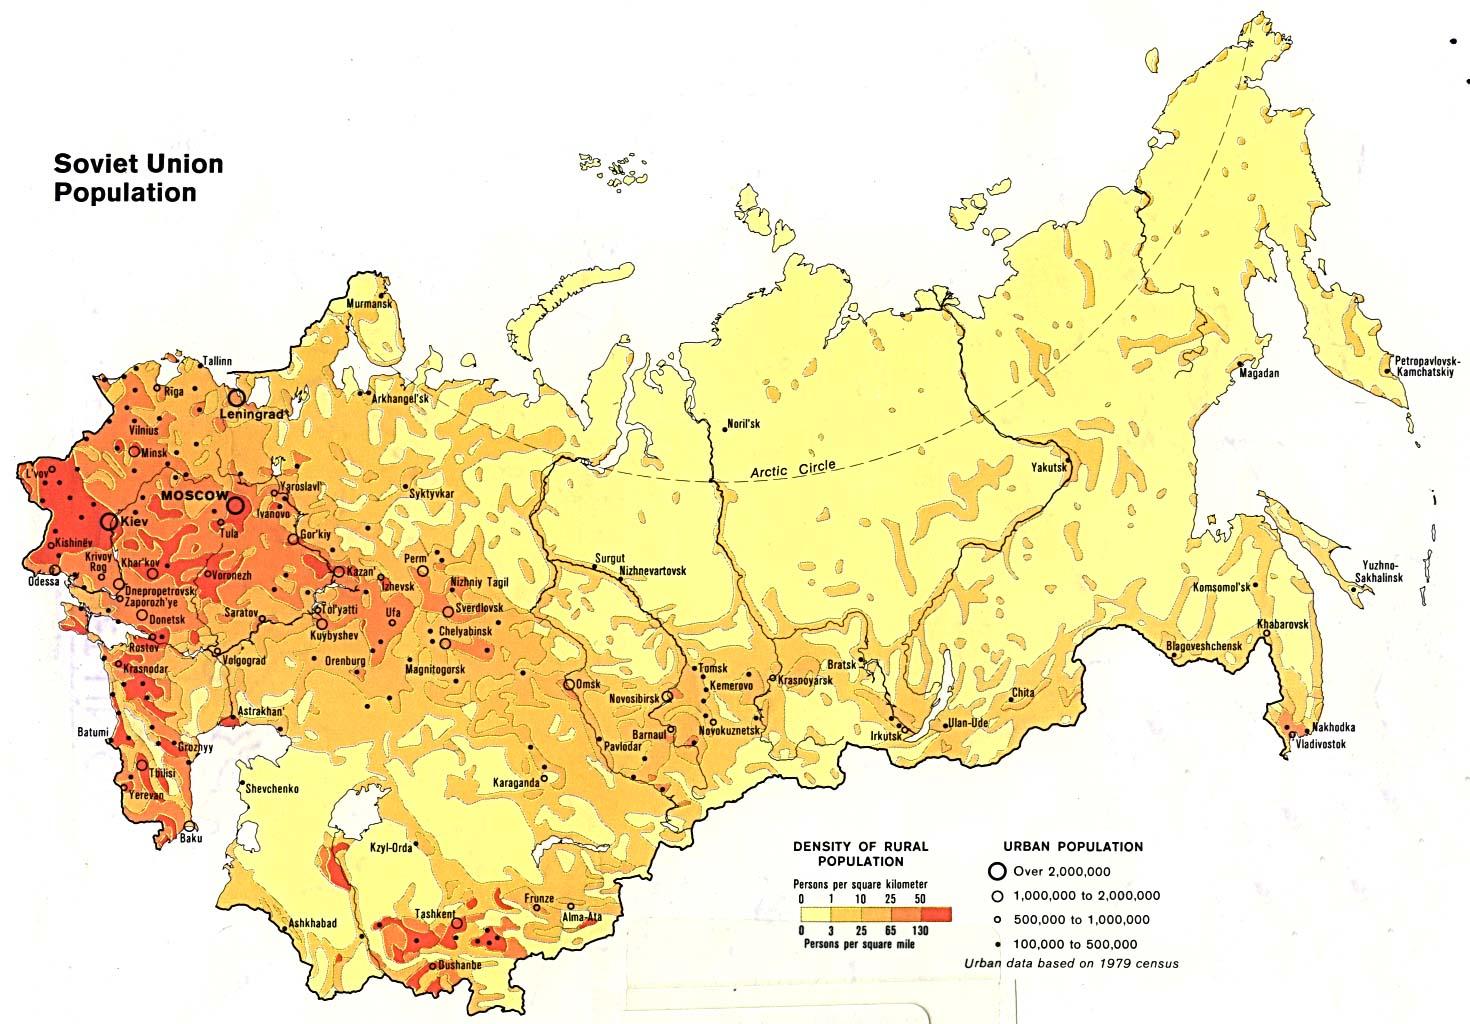 Mapa de Población en la ex Unión Soviética